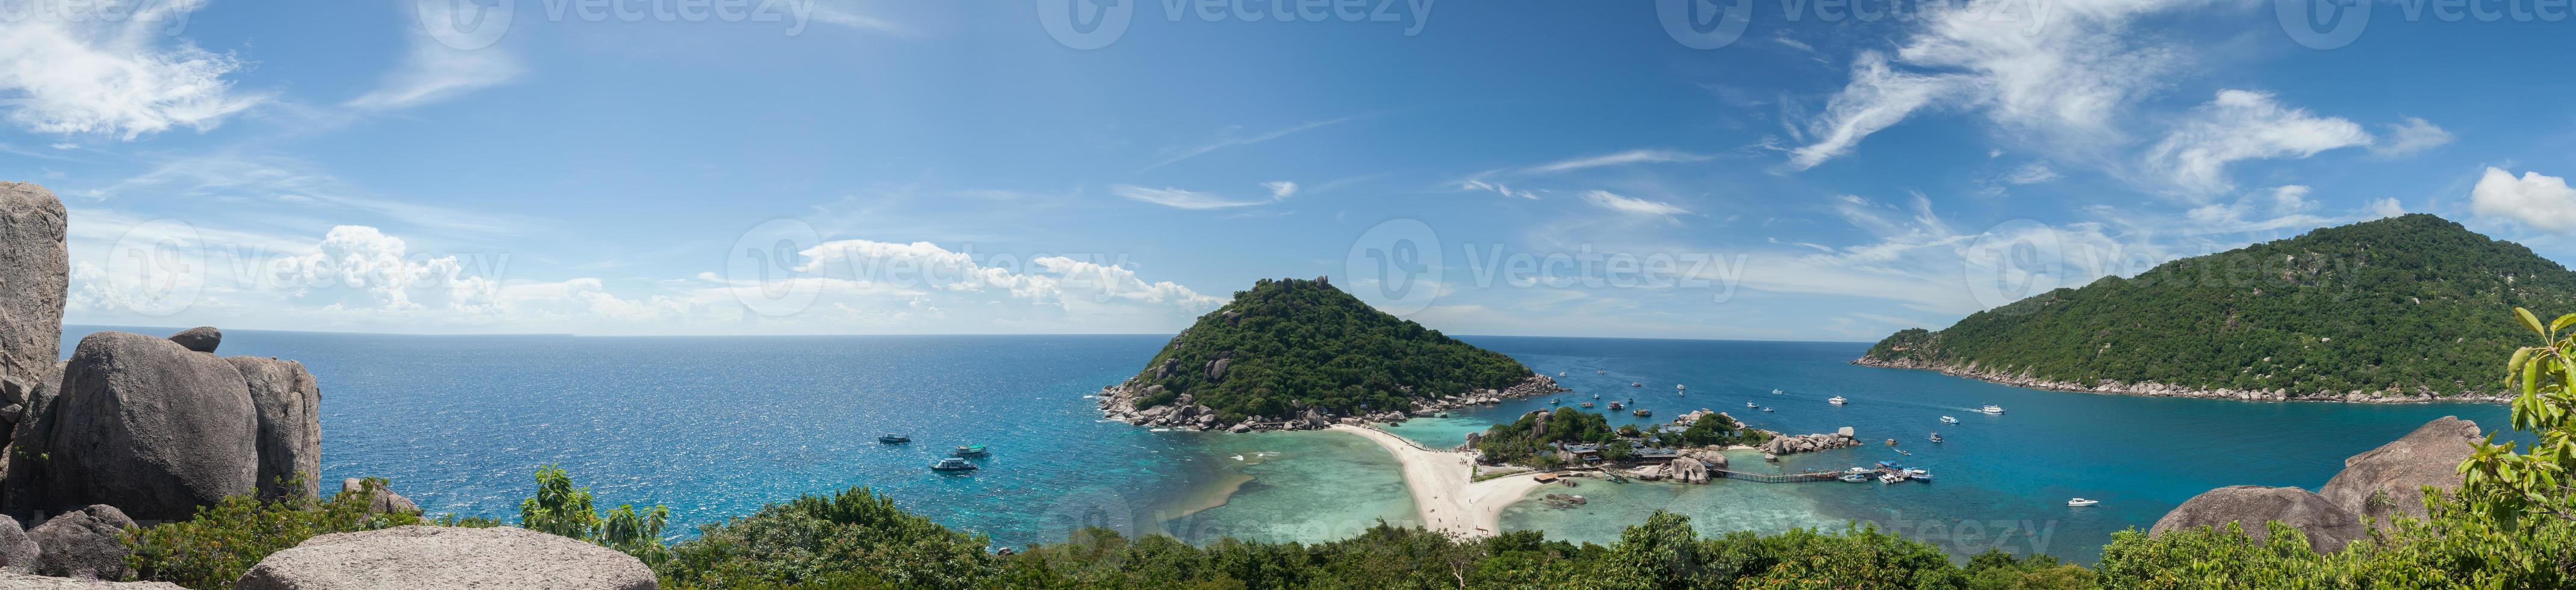 Panorama eines Strandes foto